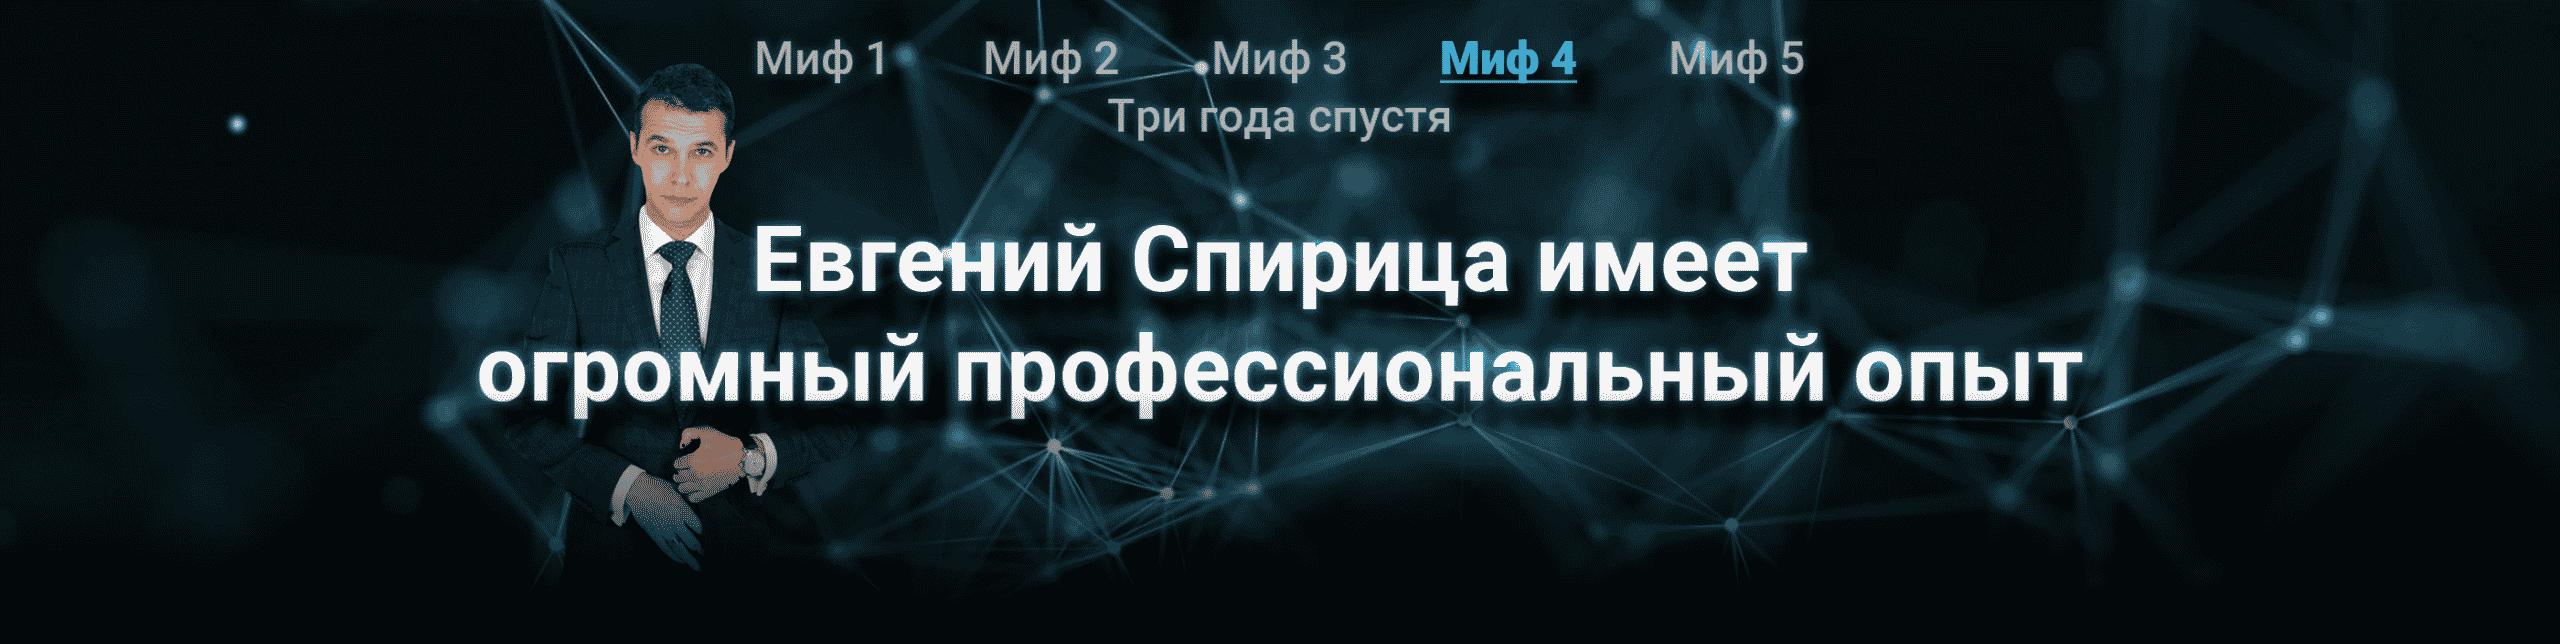 Евгений Спирица; Международная Академия Исследования Лжи; ICDS Group; Миф #4: Евгений Спирица имеет огромный профессиональный опыт